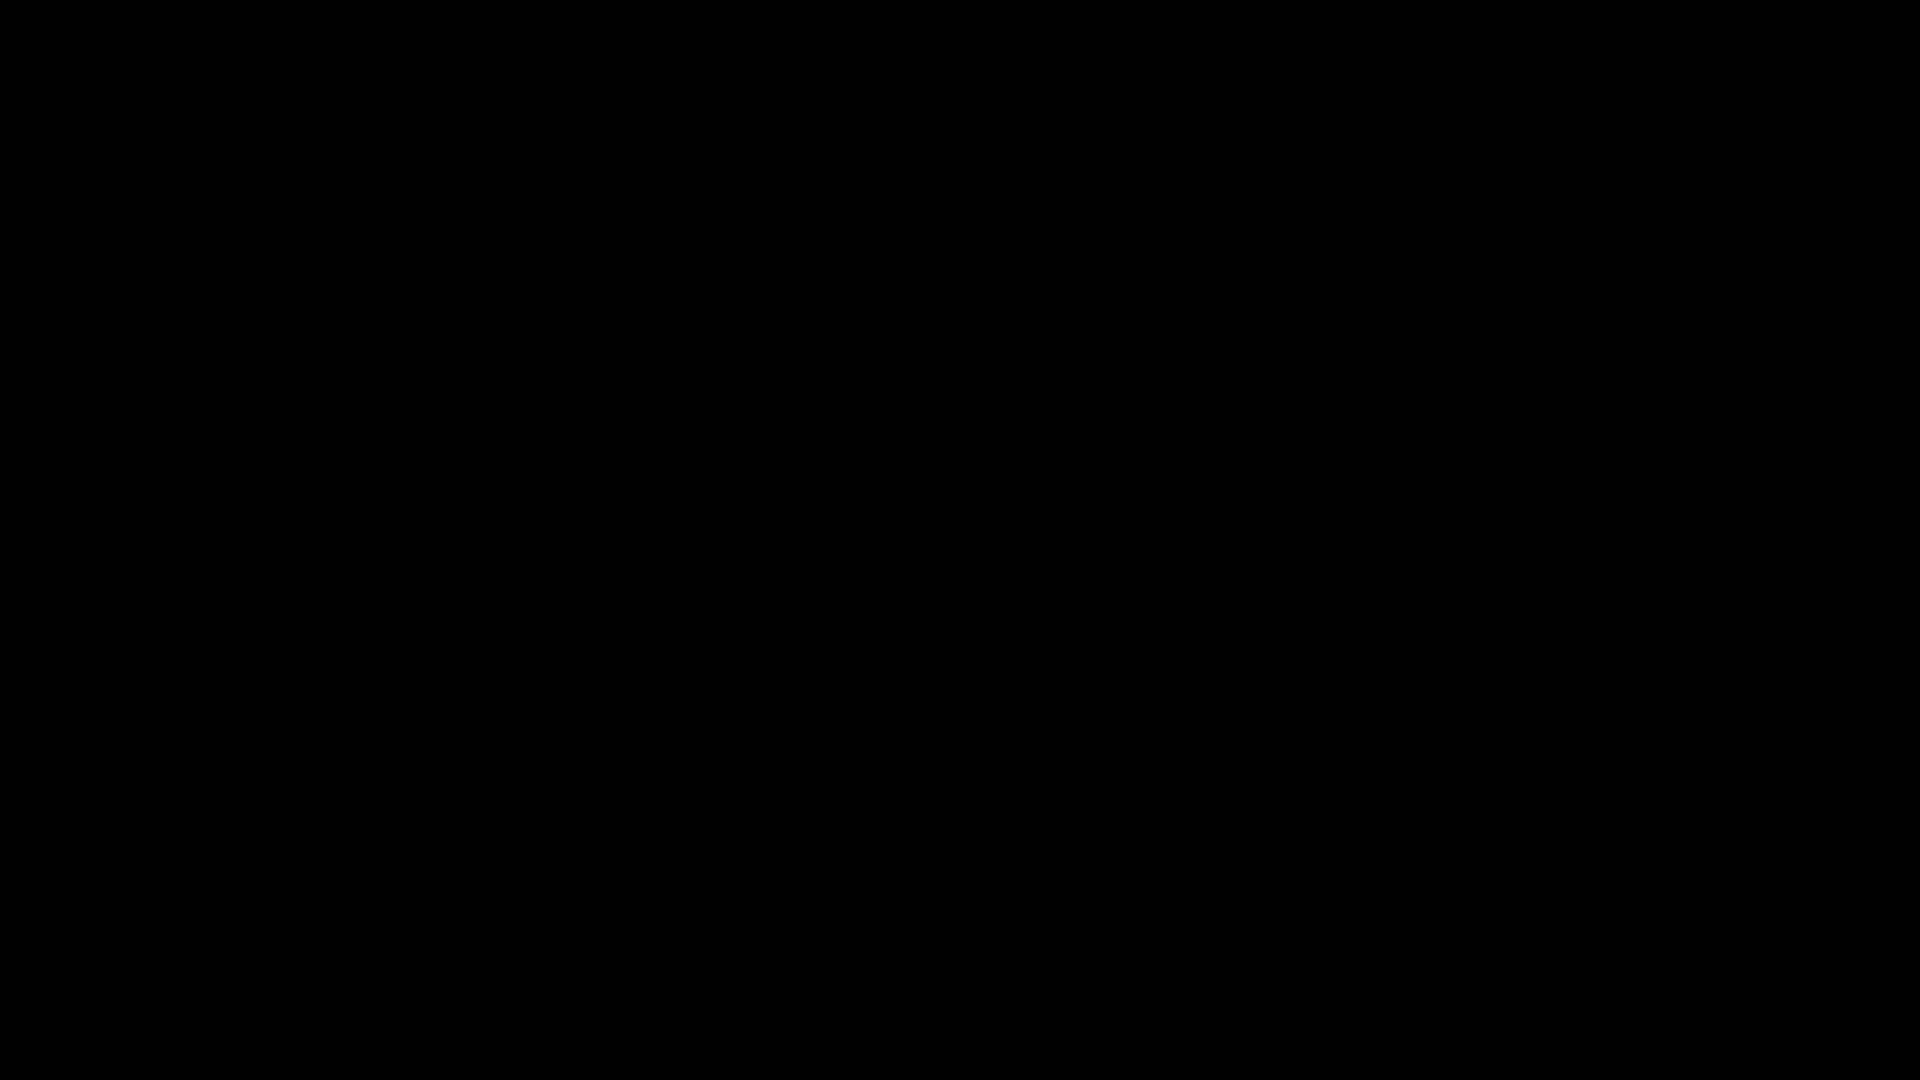 階段パンチラ Vol.02 パンツ特集 | チラ  87画像 81